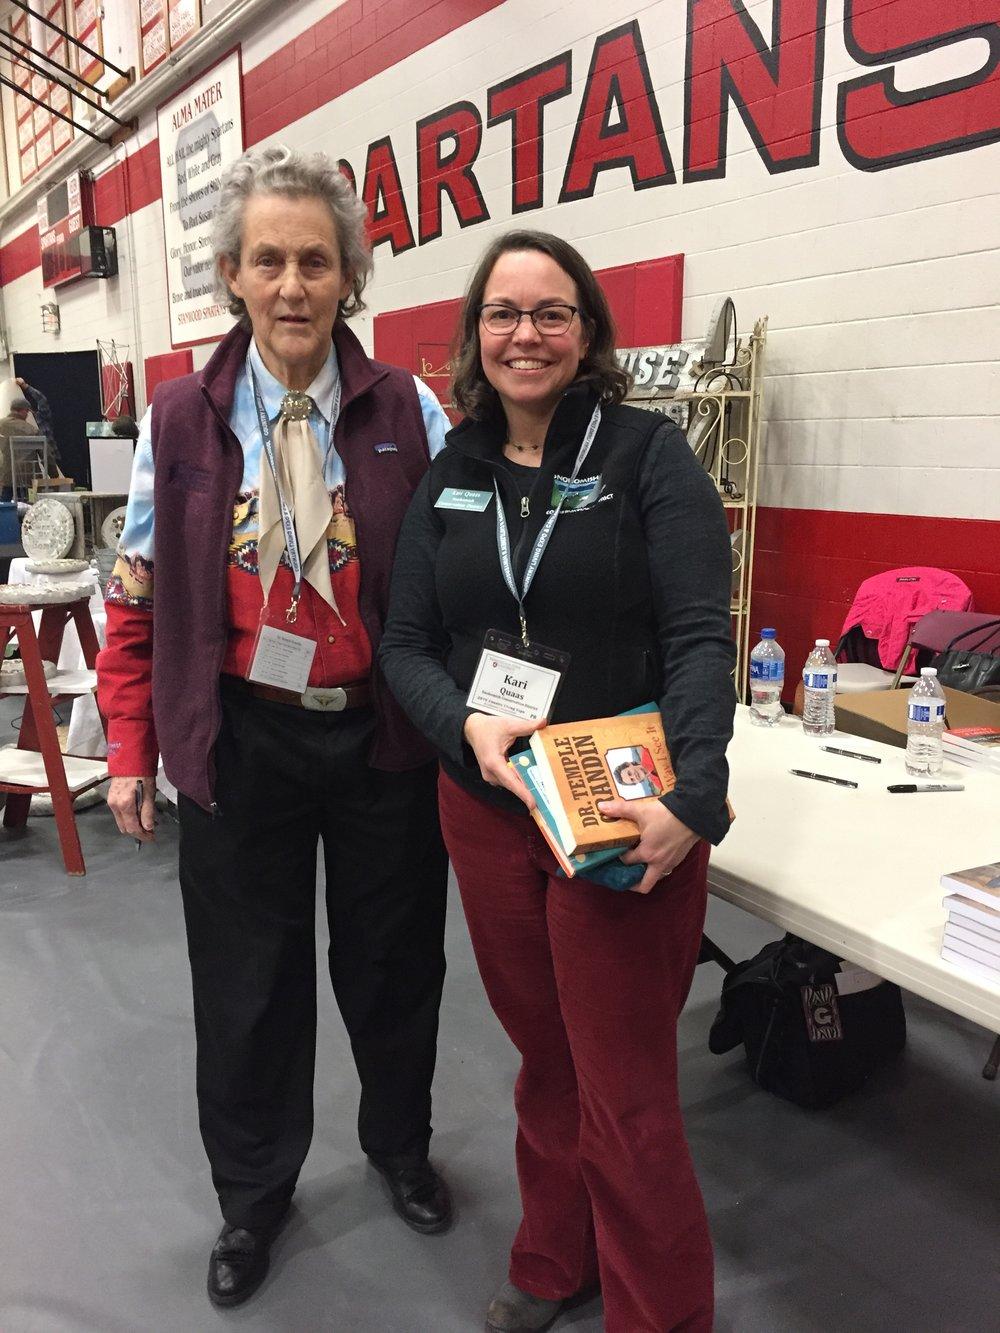 Dr. Temple Grandin with SCD staff member, Kari Quaas